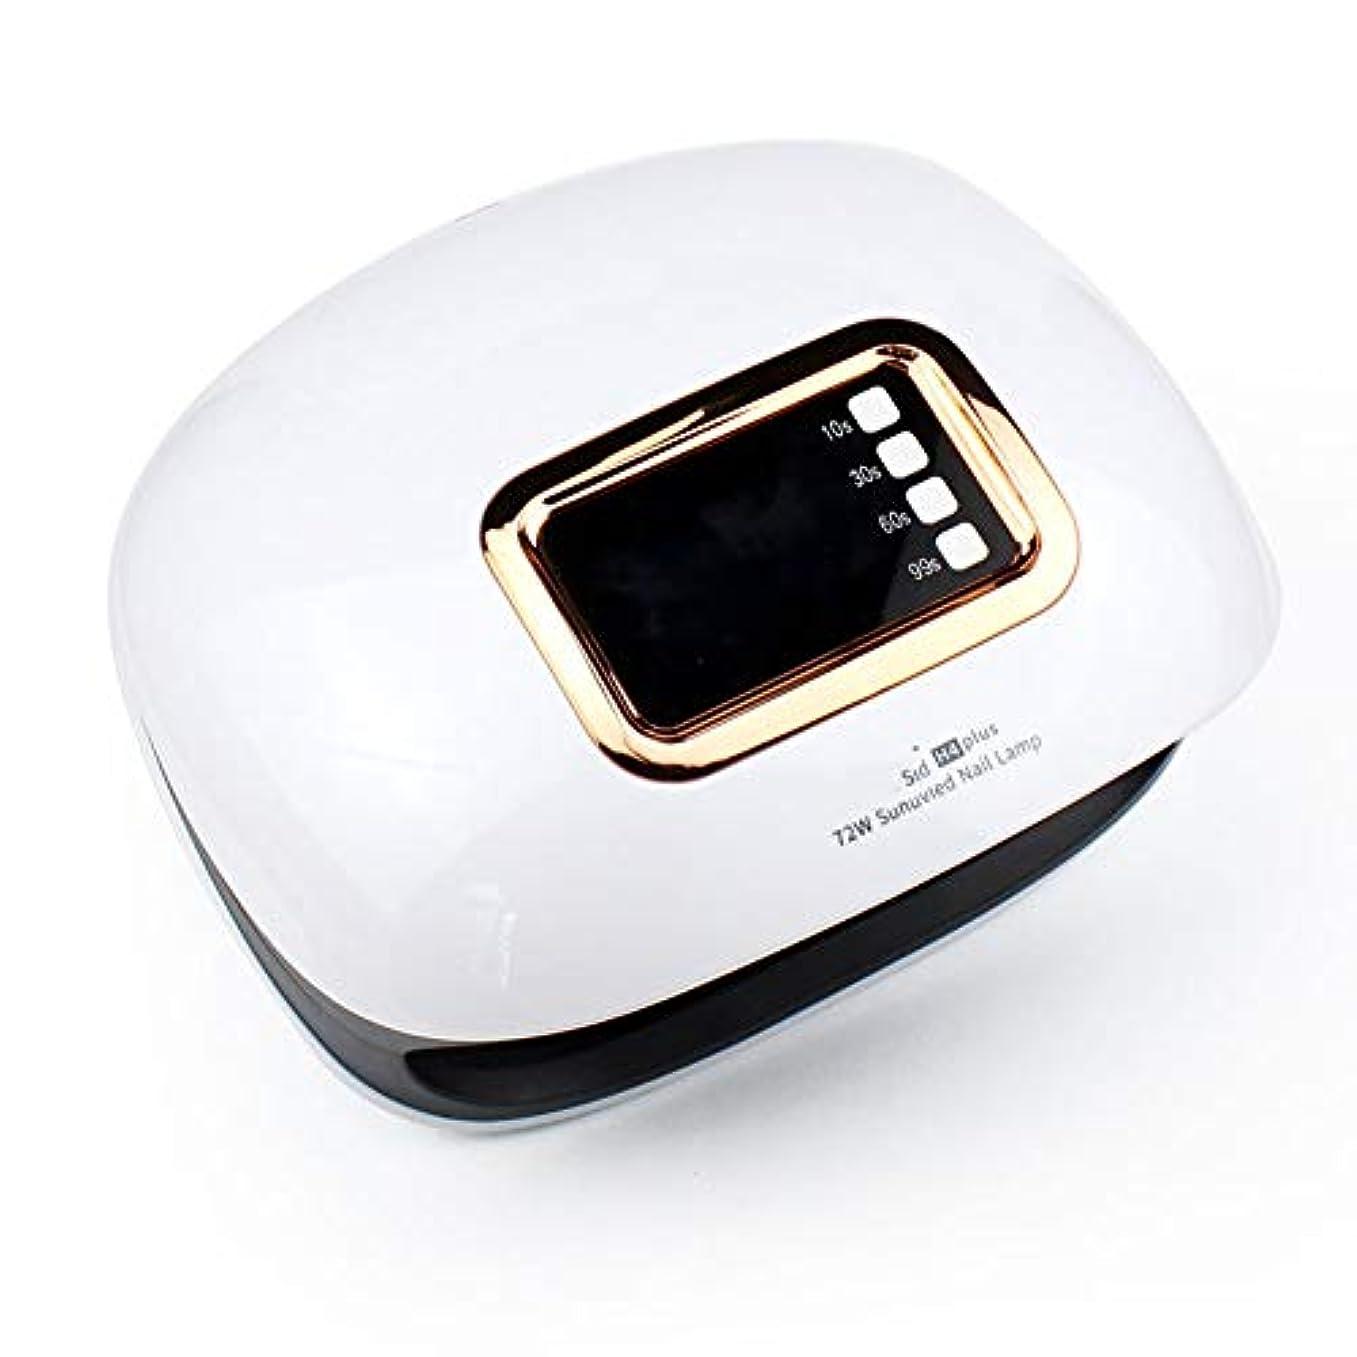 名声に薄めるネイルドライヤーポータブルネイルライト - ネイル光線療法機72ワットマルチタイムタイミング無痛モード36デュアル光源ビーズ